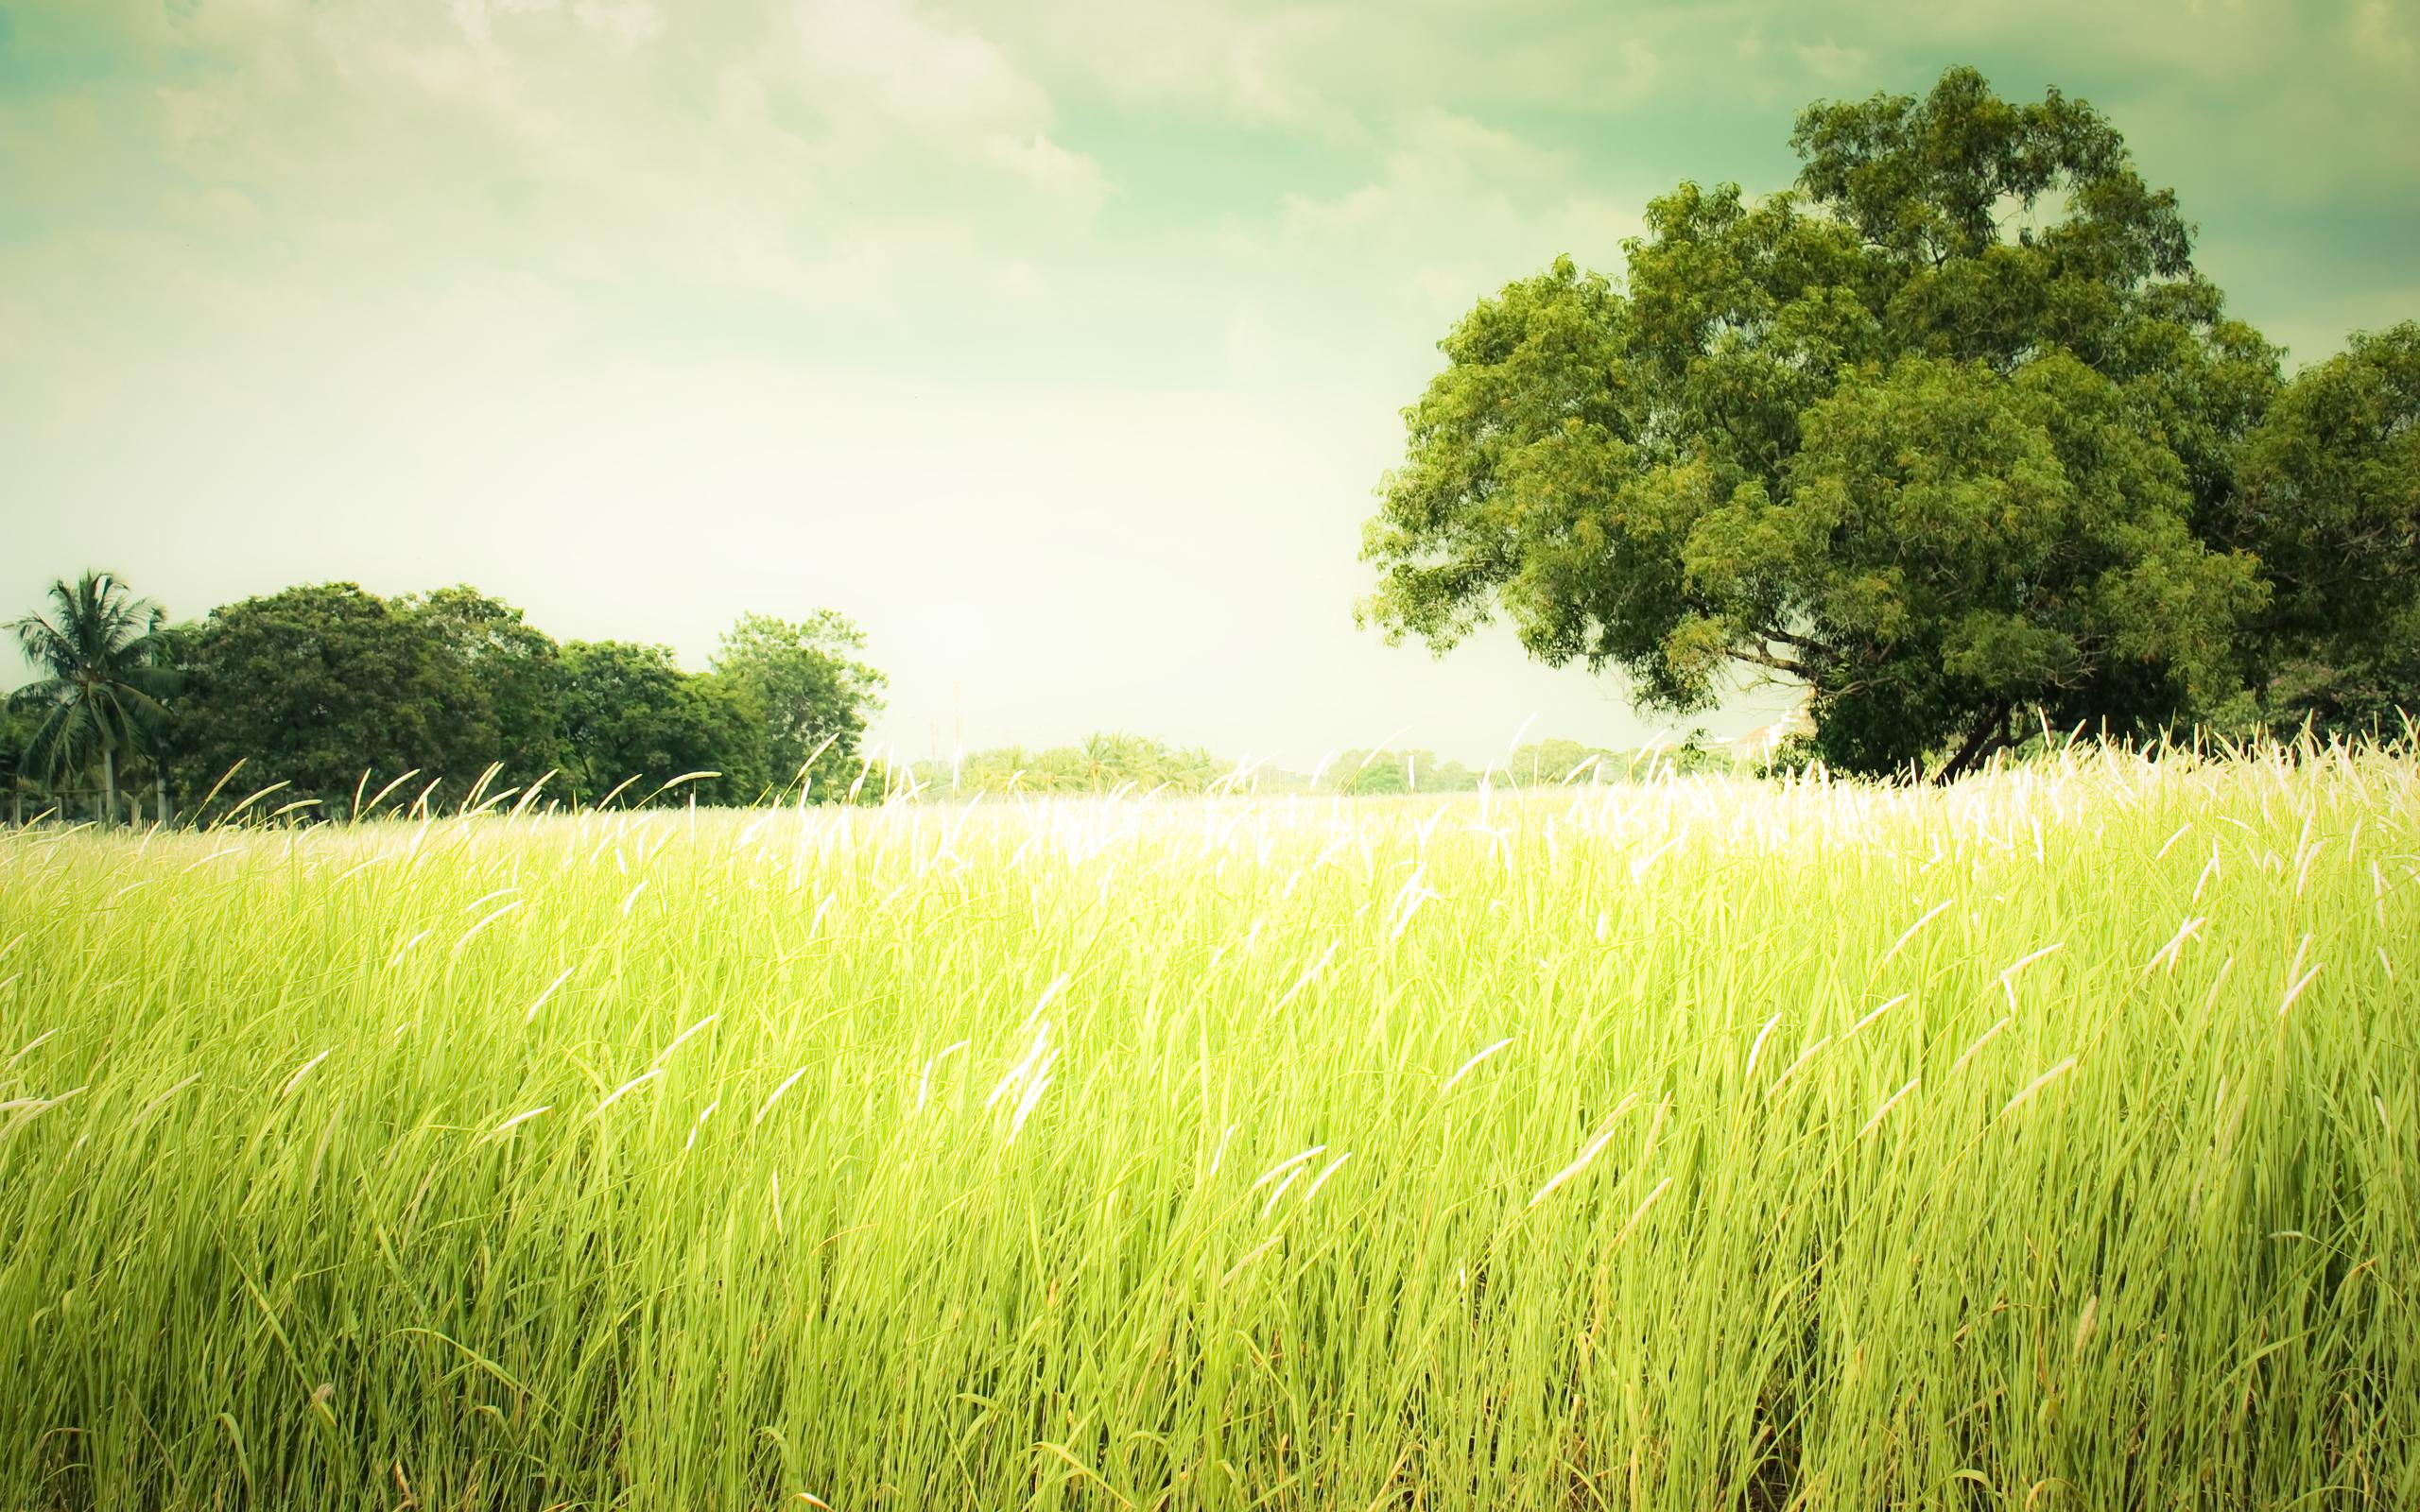 field 2560x1600 2616 - photo #12